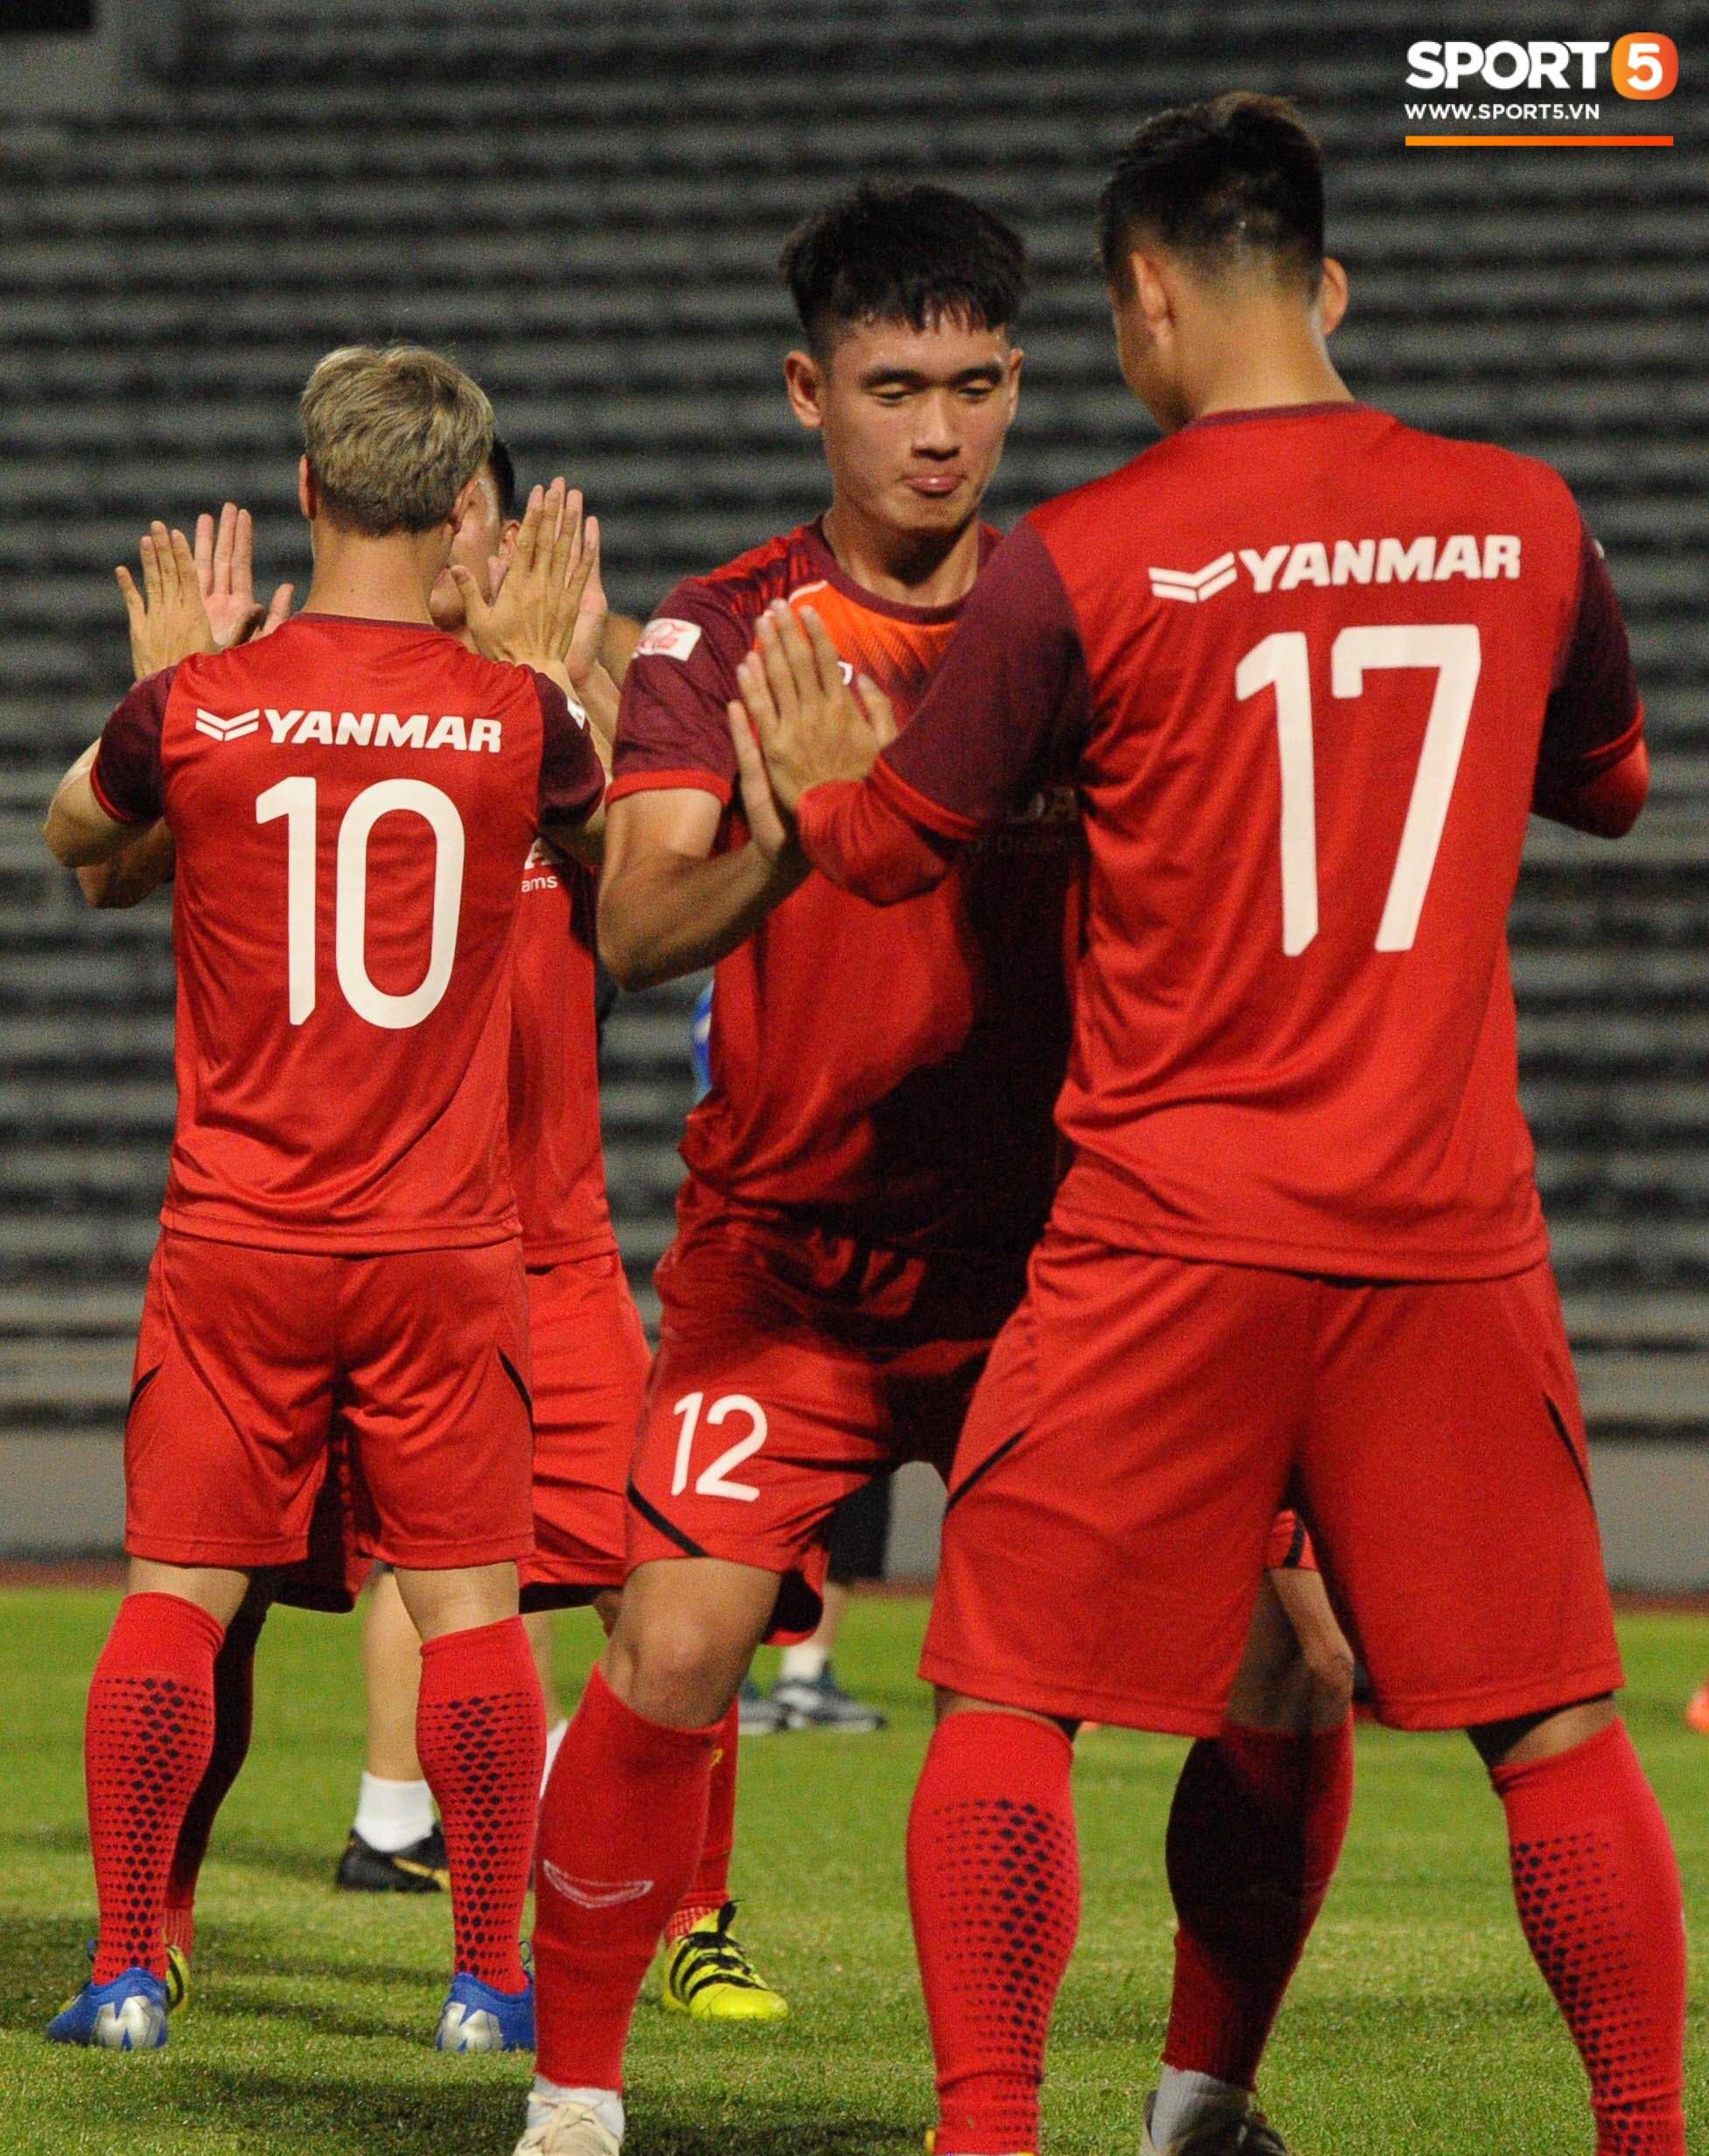 Xuân Trường táng Đức Huy không trượt phát nào trong buổi tập trước trận gặp Thái Lan - Ảnh 9.